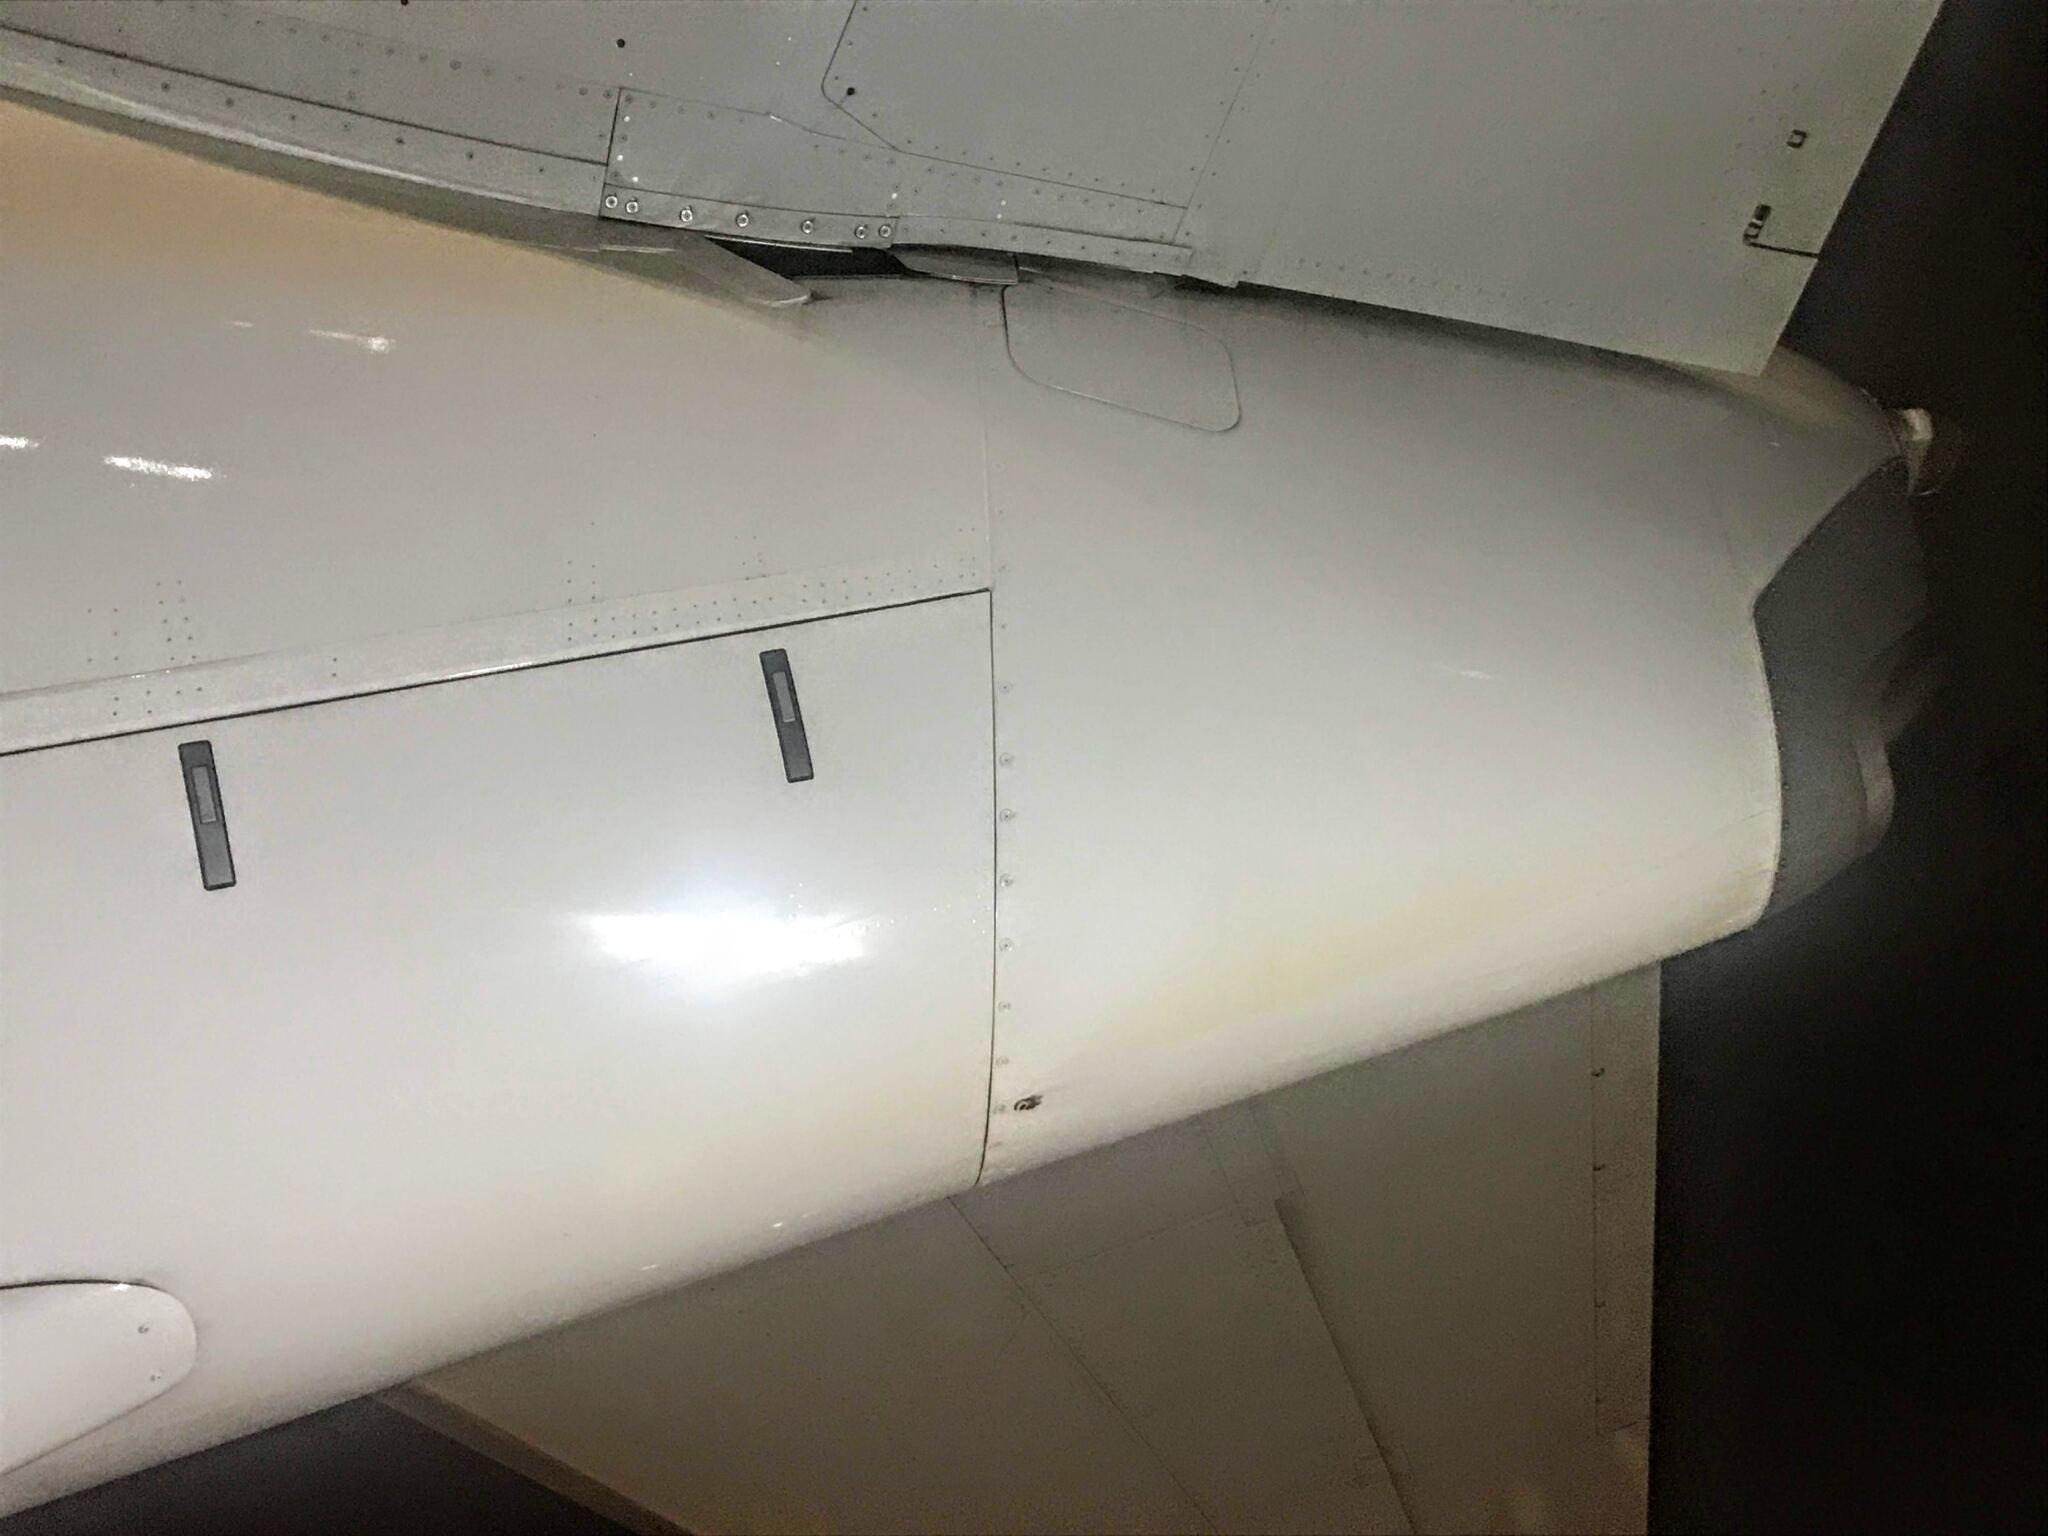 飛行機のおしり